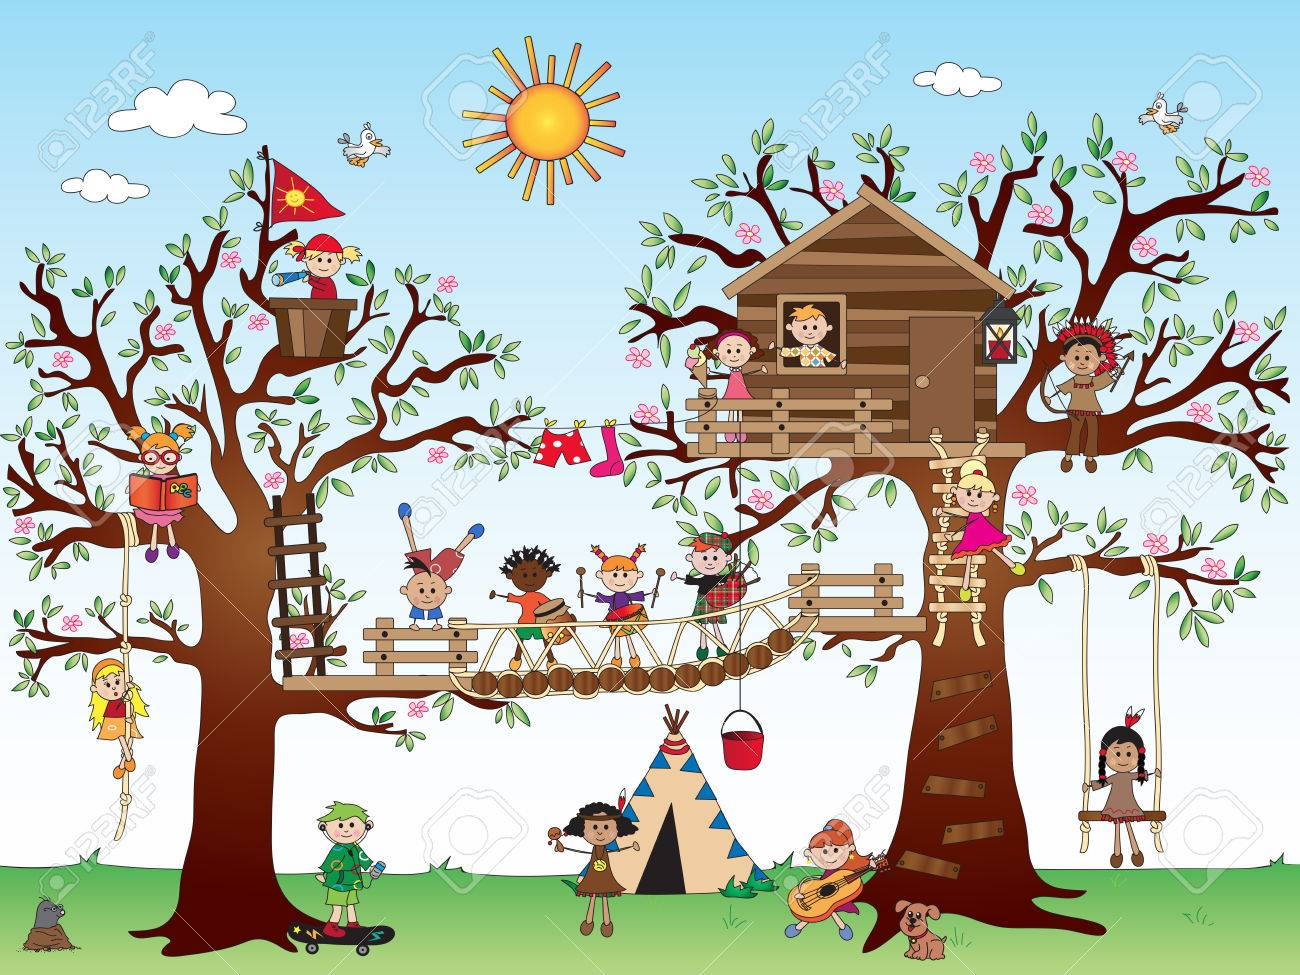 Baumhaus Mit Glucklichen Kindern Lizenzfreie Fotos Bilder Und Stock